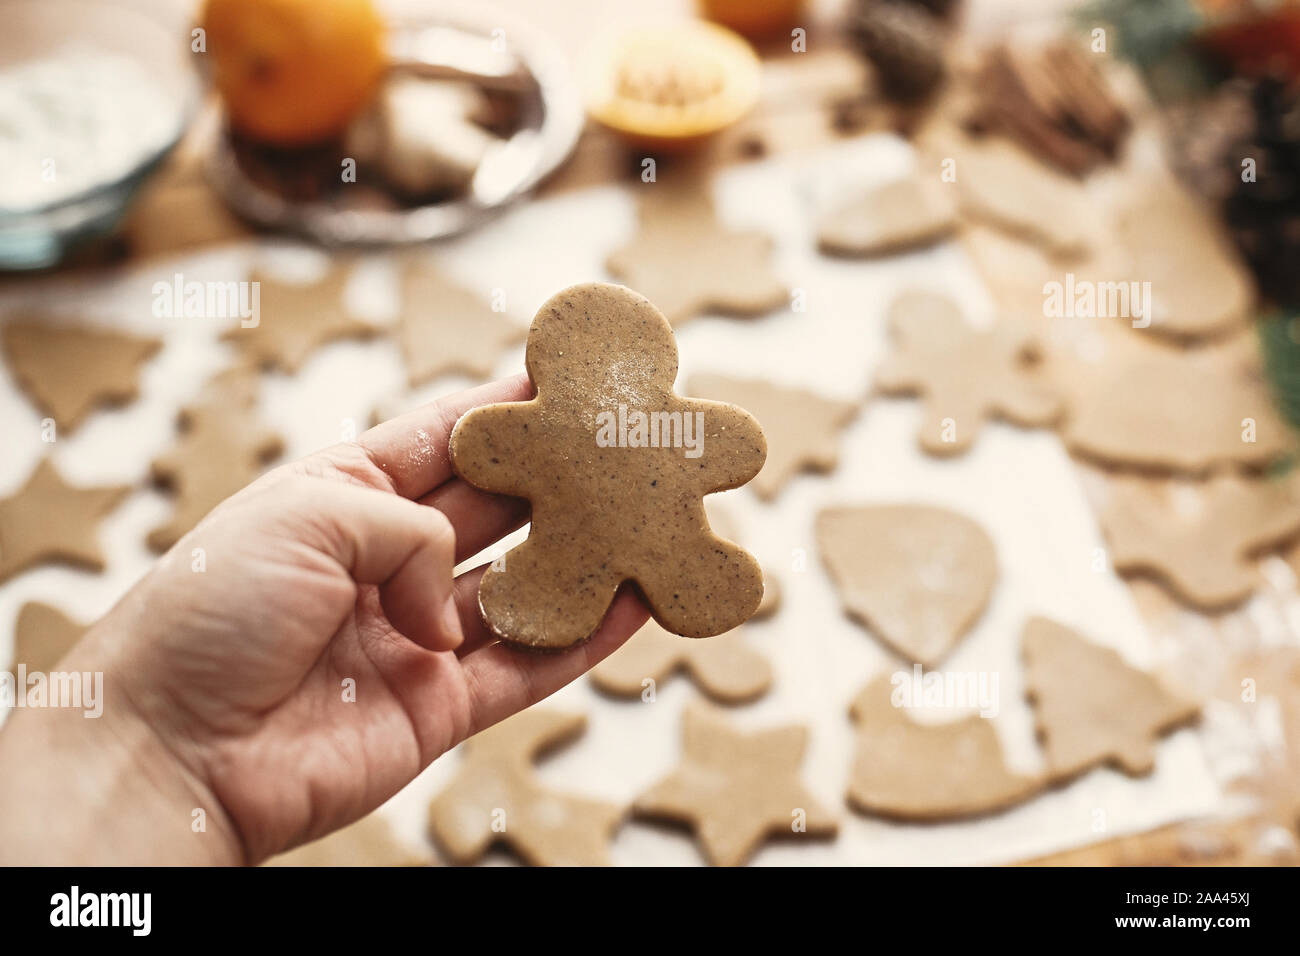 Mano sujetando las materias gingerbread man cookie en el fondo de la masa, cortadores de metal y anís, jengibre, canela, piñas, ramas de abeto sobre tabla rústica.Ma Foto de stock